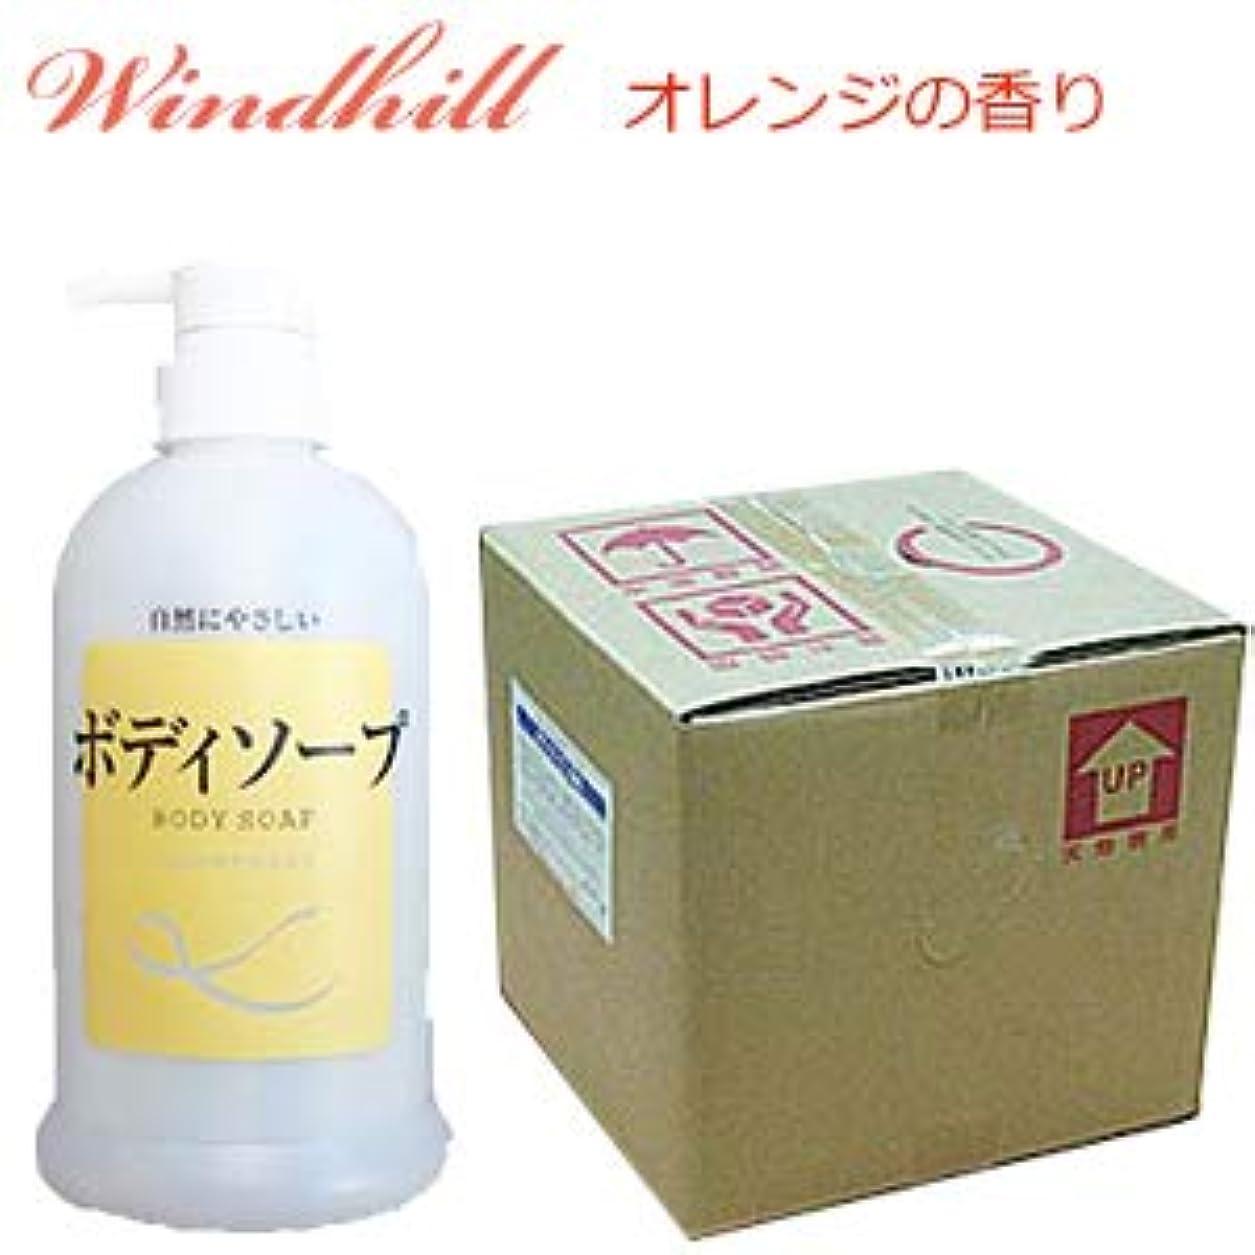 寛容なハイライト滑り台Windhill 植物性 業務用ボディソープオレンジの香り 20L(1セット20L入)